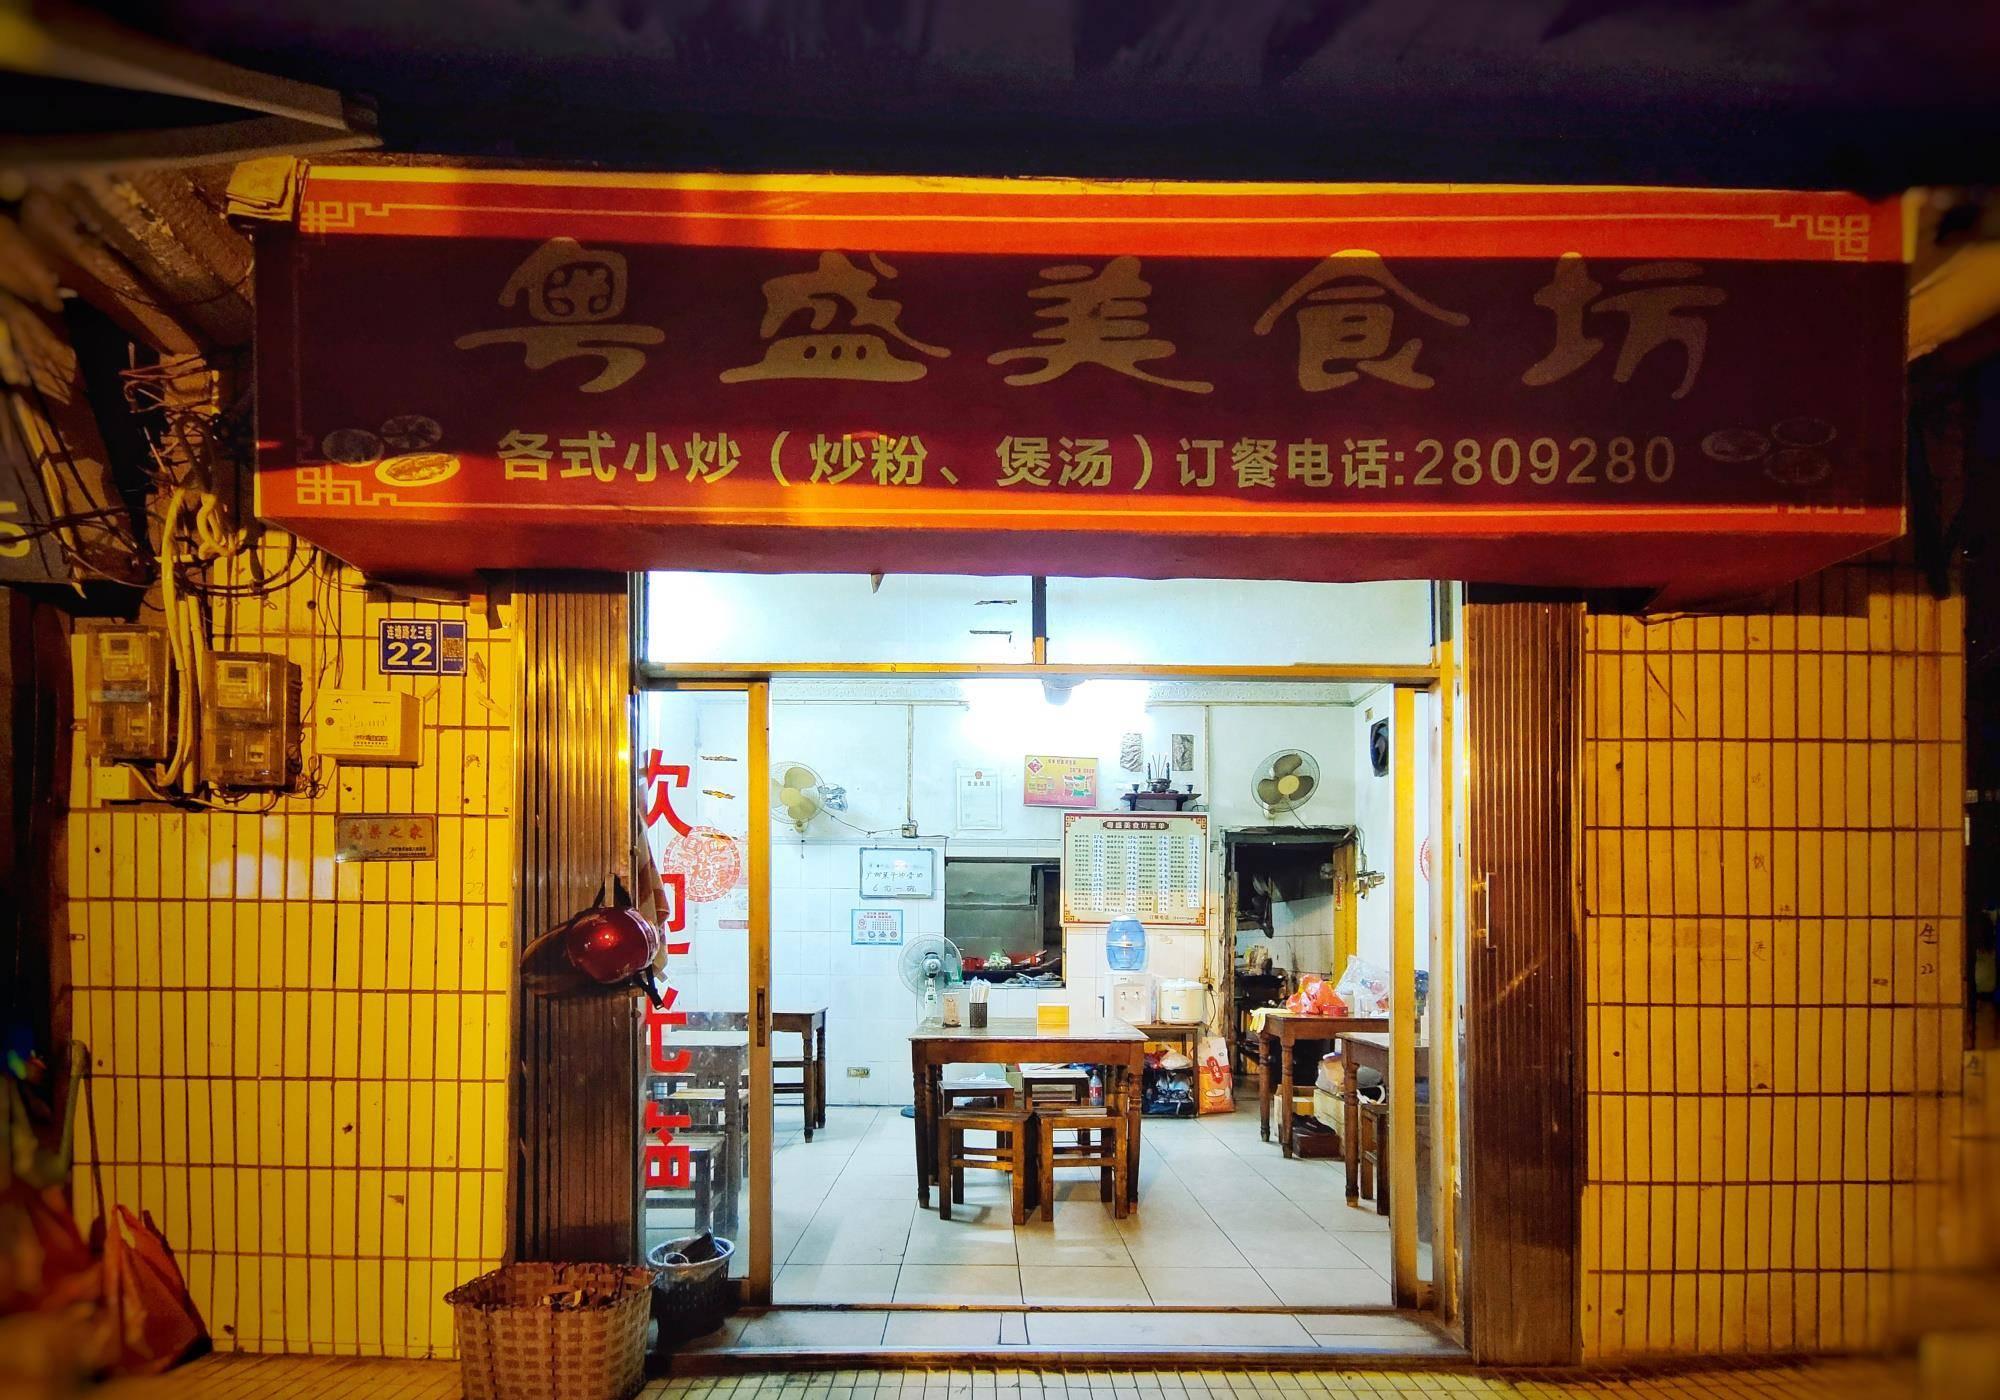 中餐厅之神级美食家 中餐厅之神级大导演